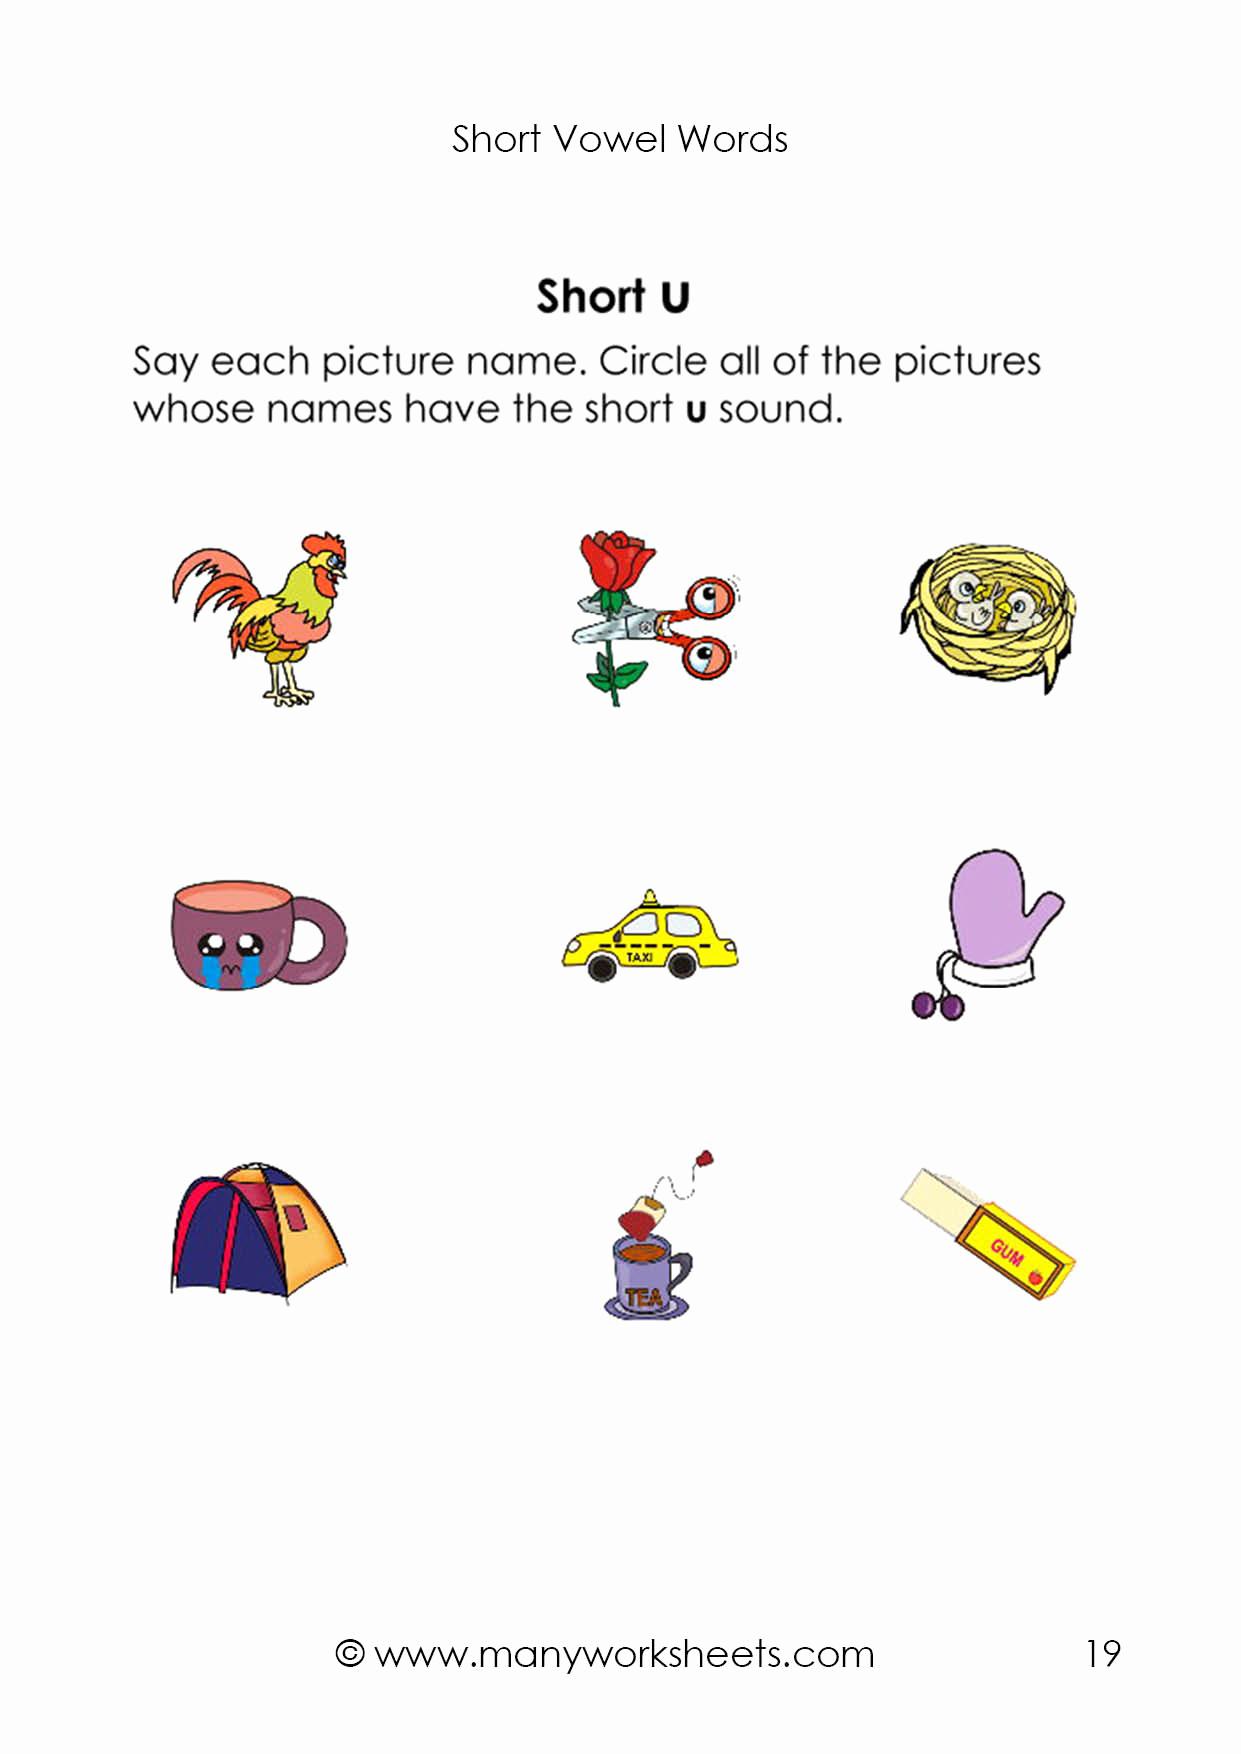 Short U Worksheets Pdf Lovely Short Vowel U Worksheet 1